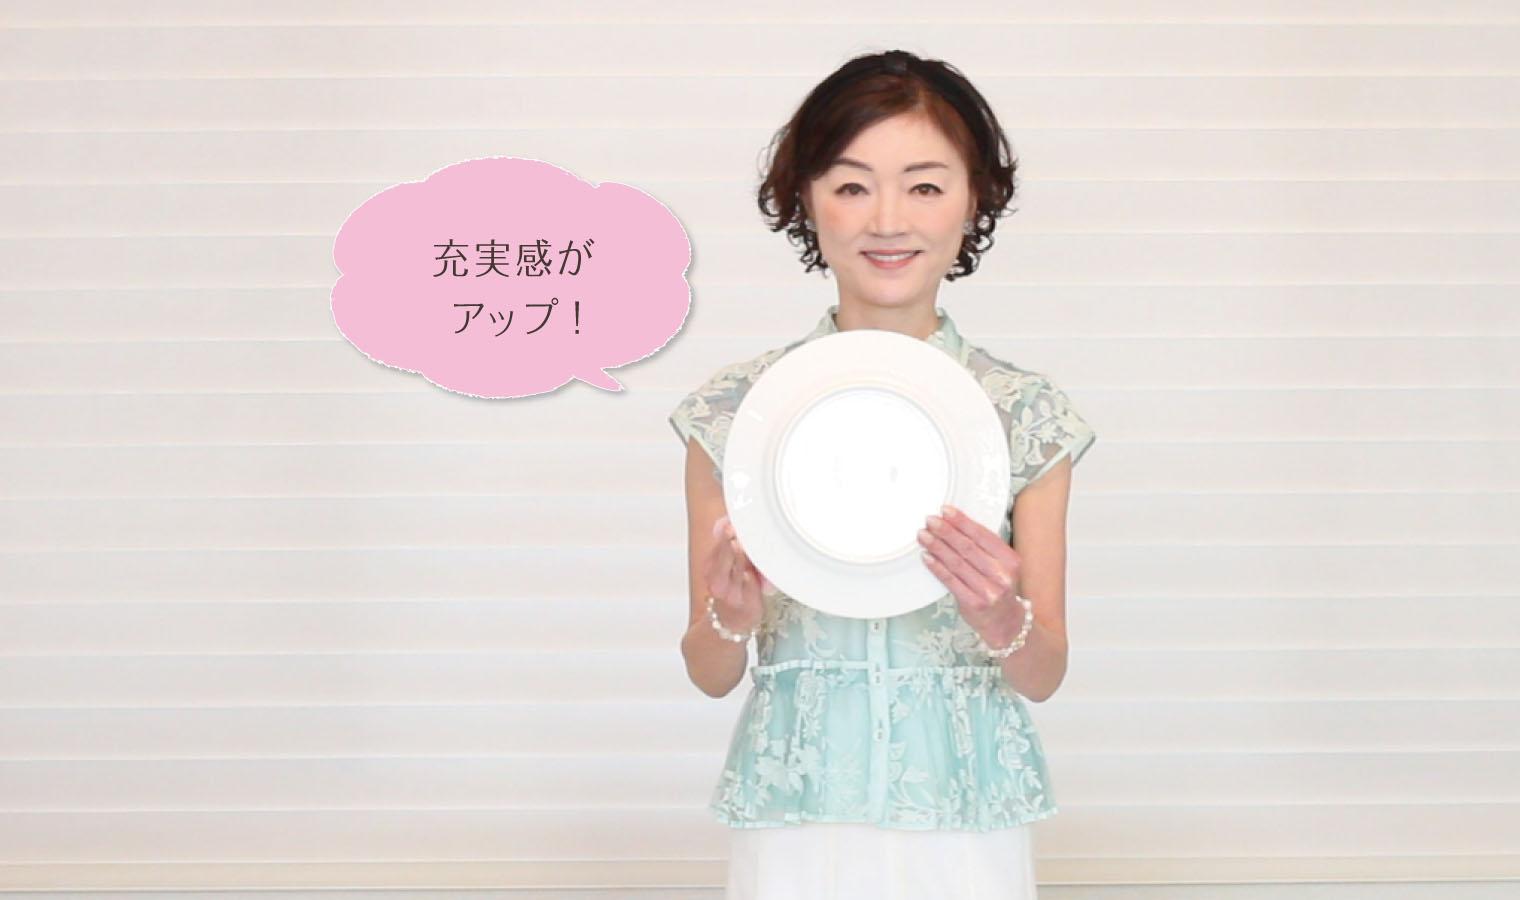 マダム由美子さん 画像